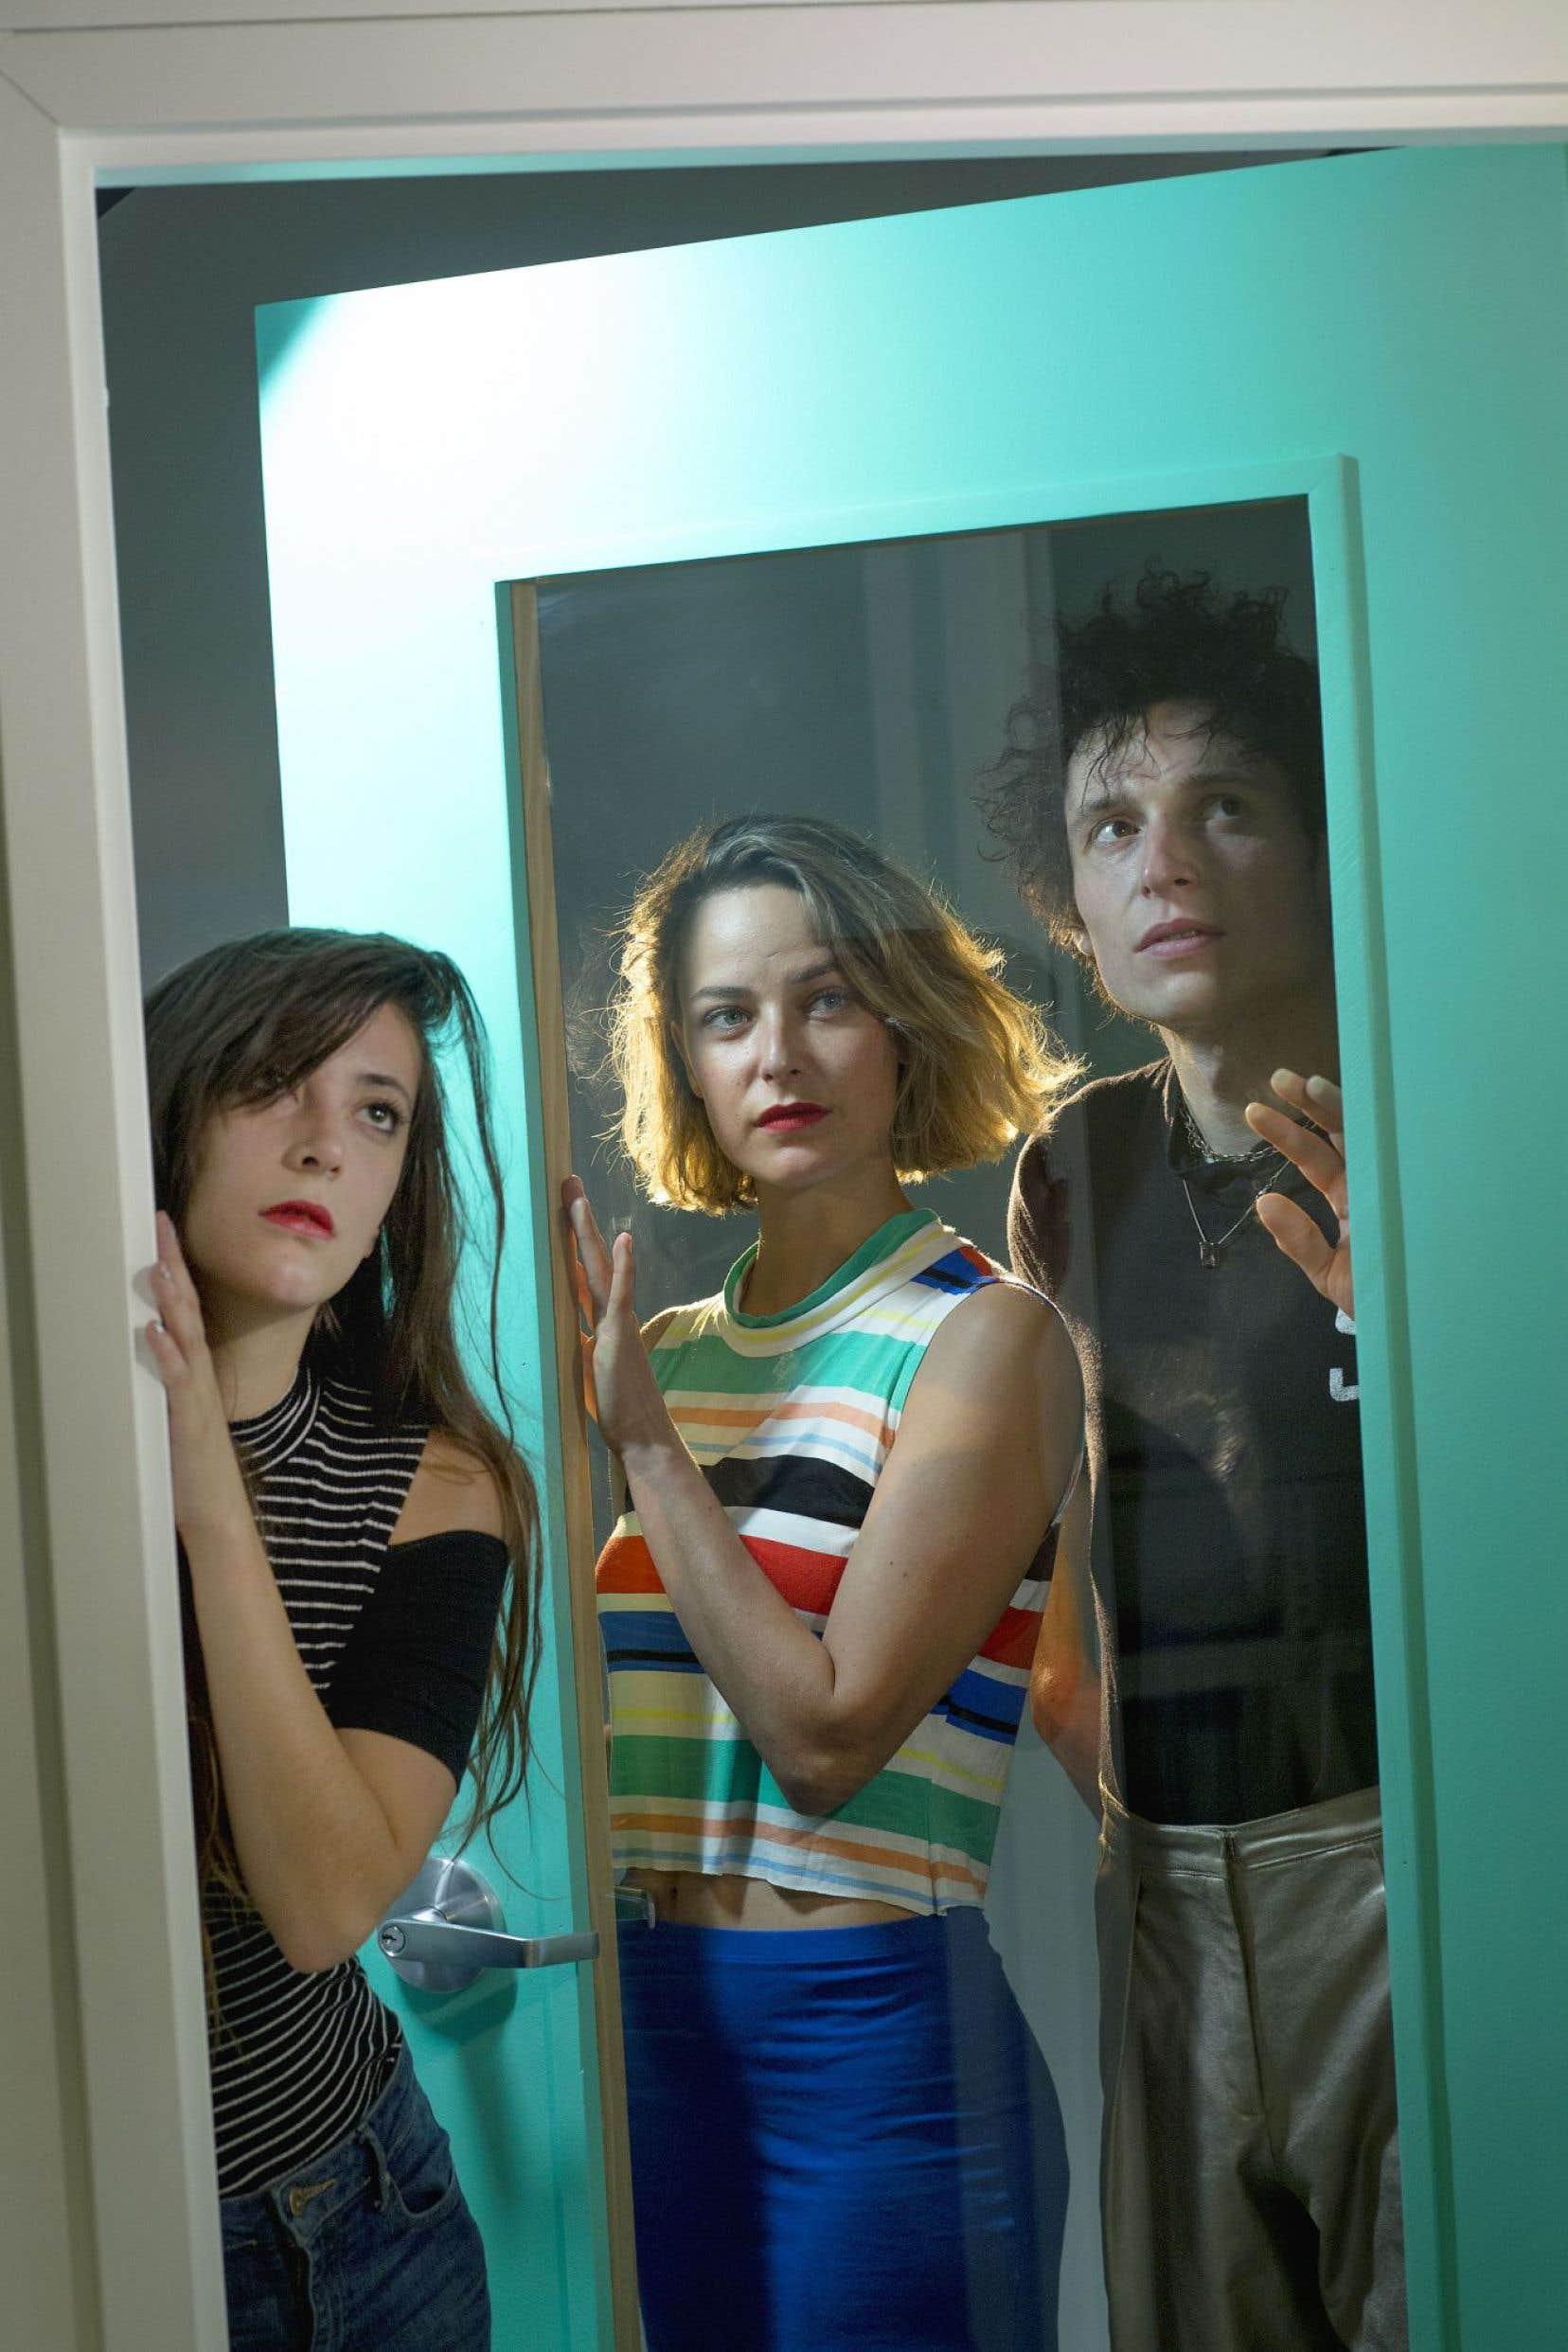 Le premier album complet du trio propose une manière Paupière bien définie. Oui, c'est une sorte de chanson synth-pop néo-nineties à la base, mais enrichie aux enzymes.